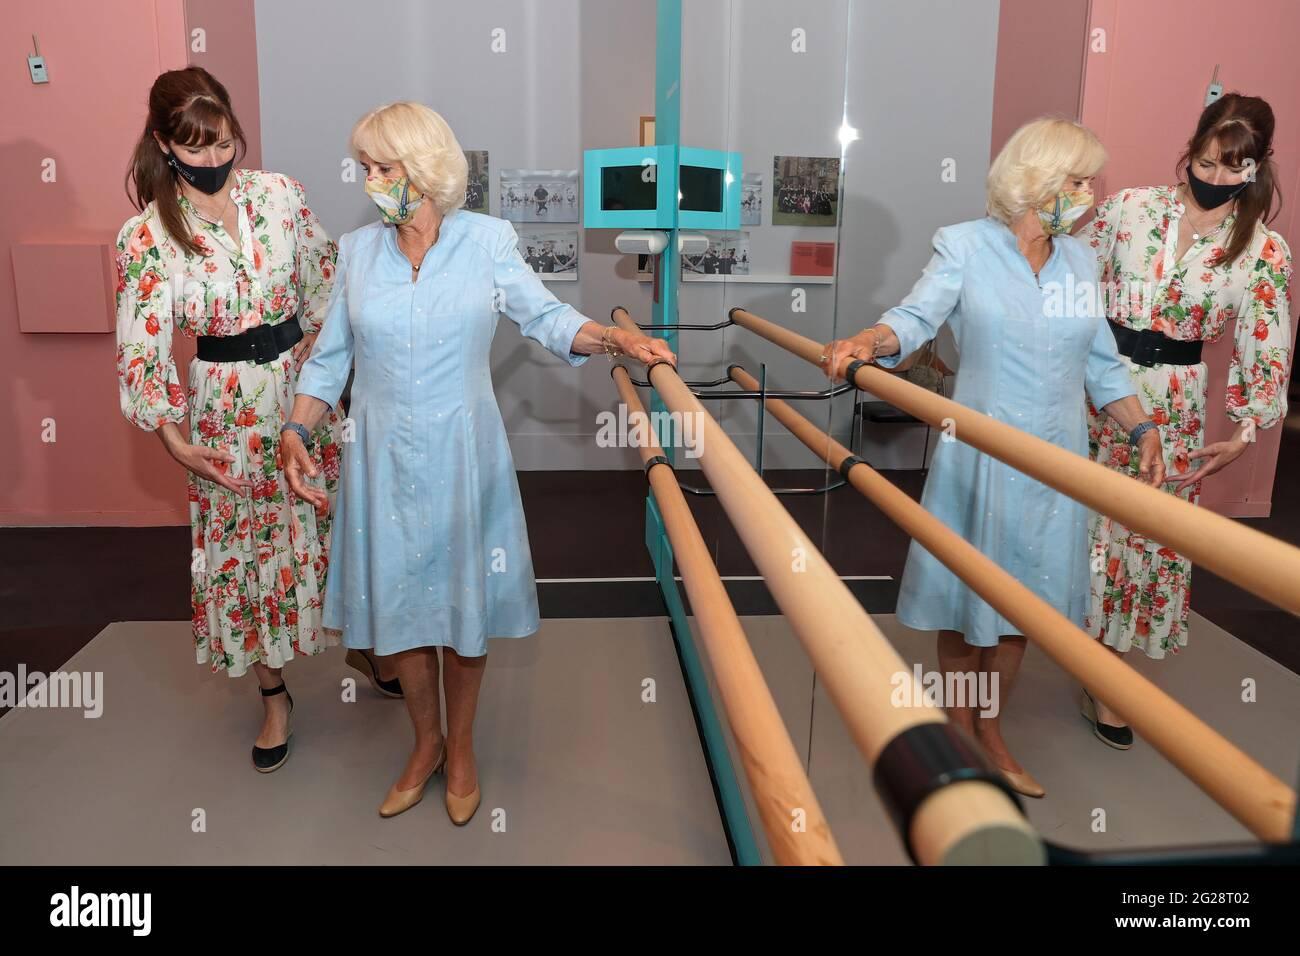 """Die Herzogin von Cornwall, Vizepatronin der Royal Academy of Dance, mit Dame Darcey Bussell während eines Besuchs im Victoria and Albert Museum in London, um die Ausstellung zum hundertjährigen Bestehen der Akademie mit dem Titel """"On Point: Royal Academy of Dance at 100"""" zu sehen. Bilddatum: Mittwoch, 9. Juni 2021. Stockfoto"""